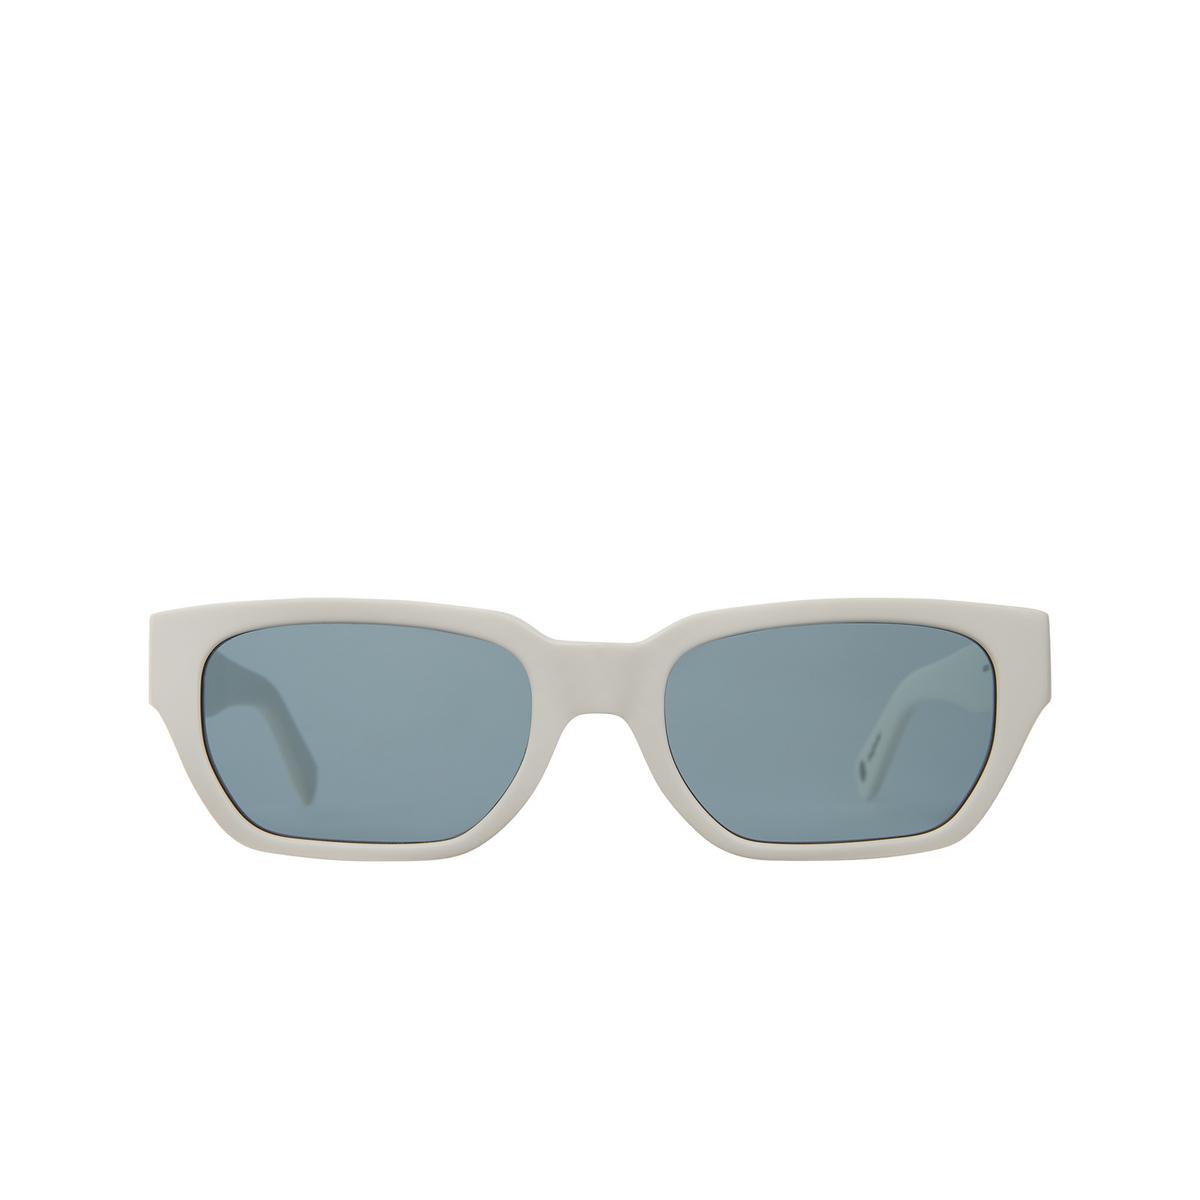 Garrett Leight® Rectangle Sunglasses: Mayan Sun color Teen Spirit Teespi/sfpac - front view.